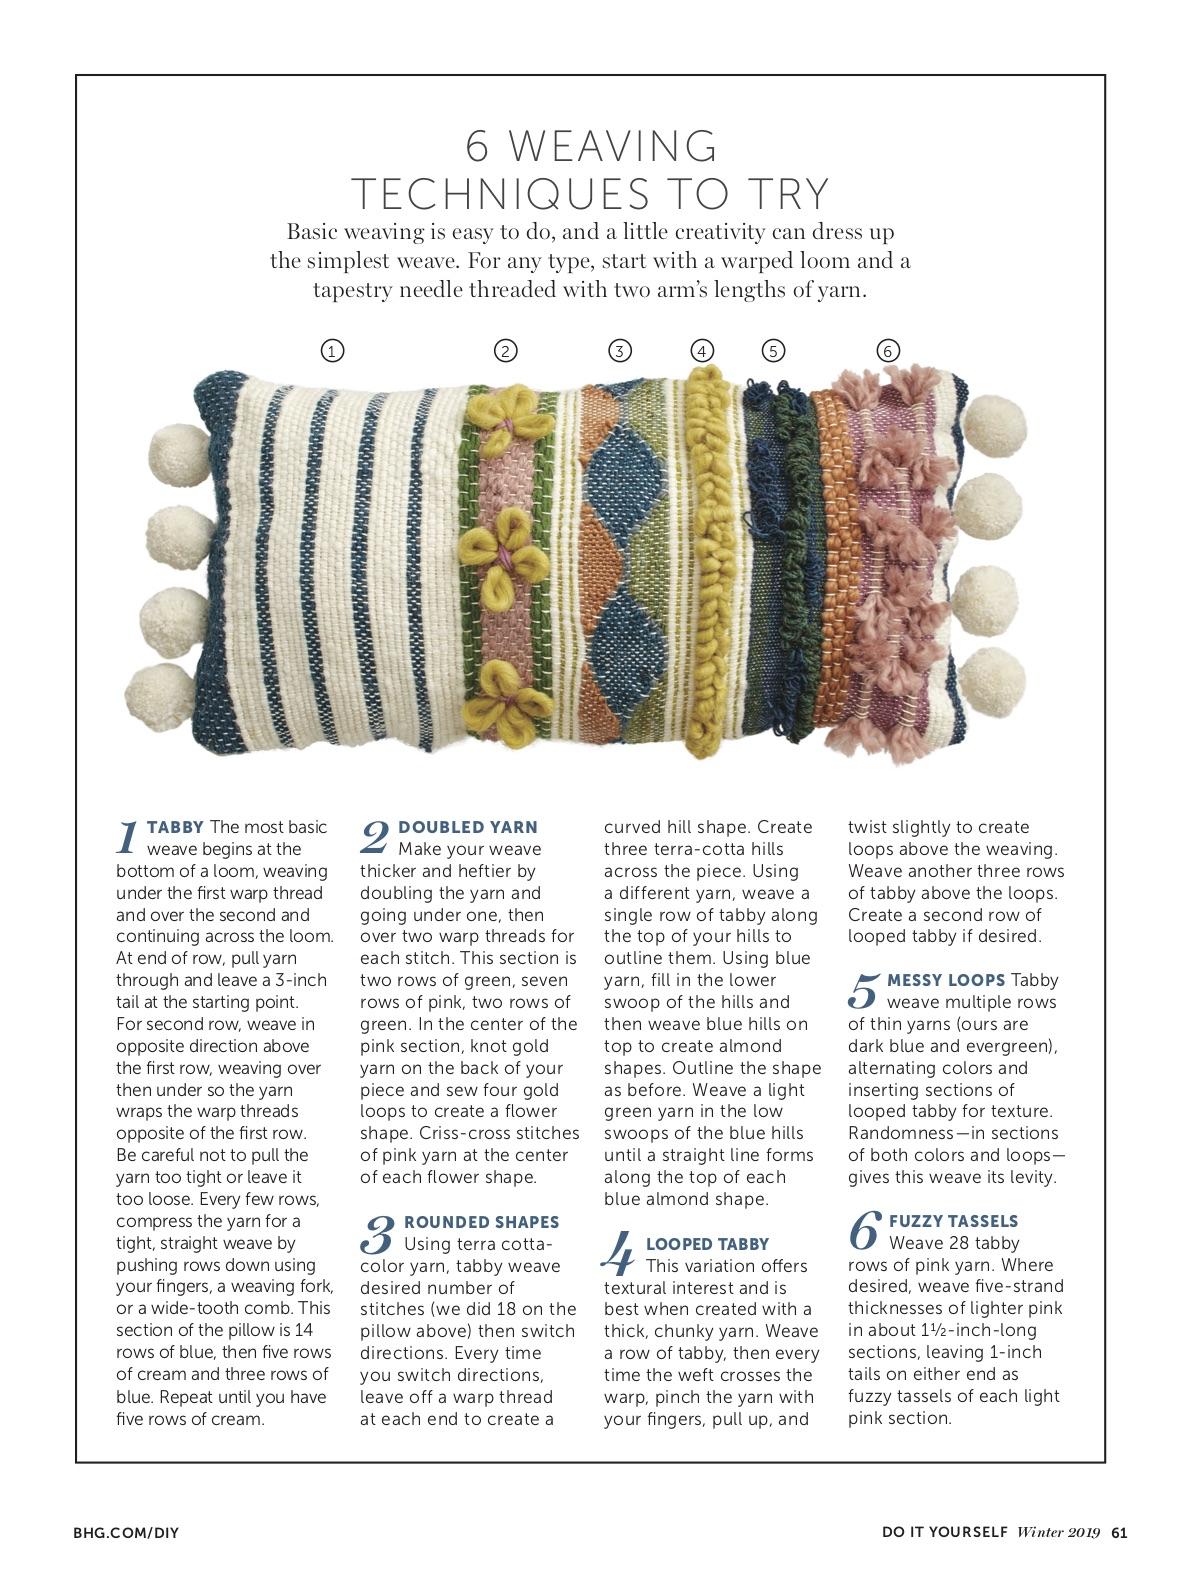 061 DIY2019 Weaving.jpg